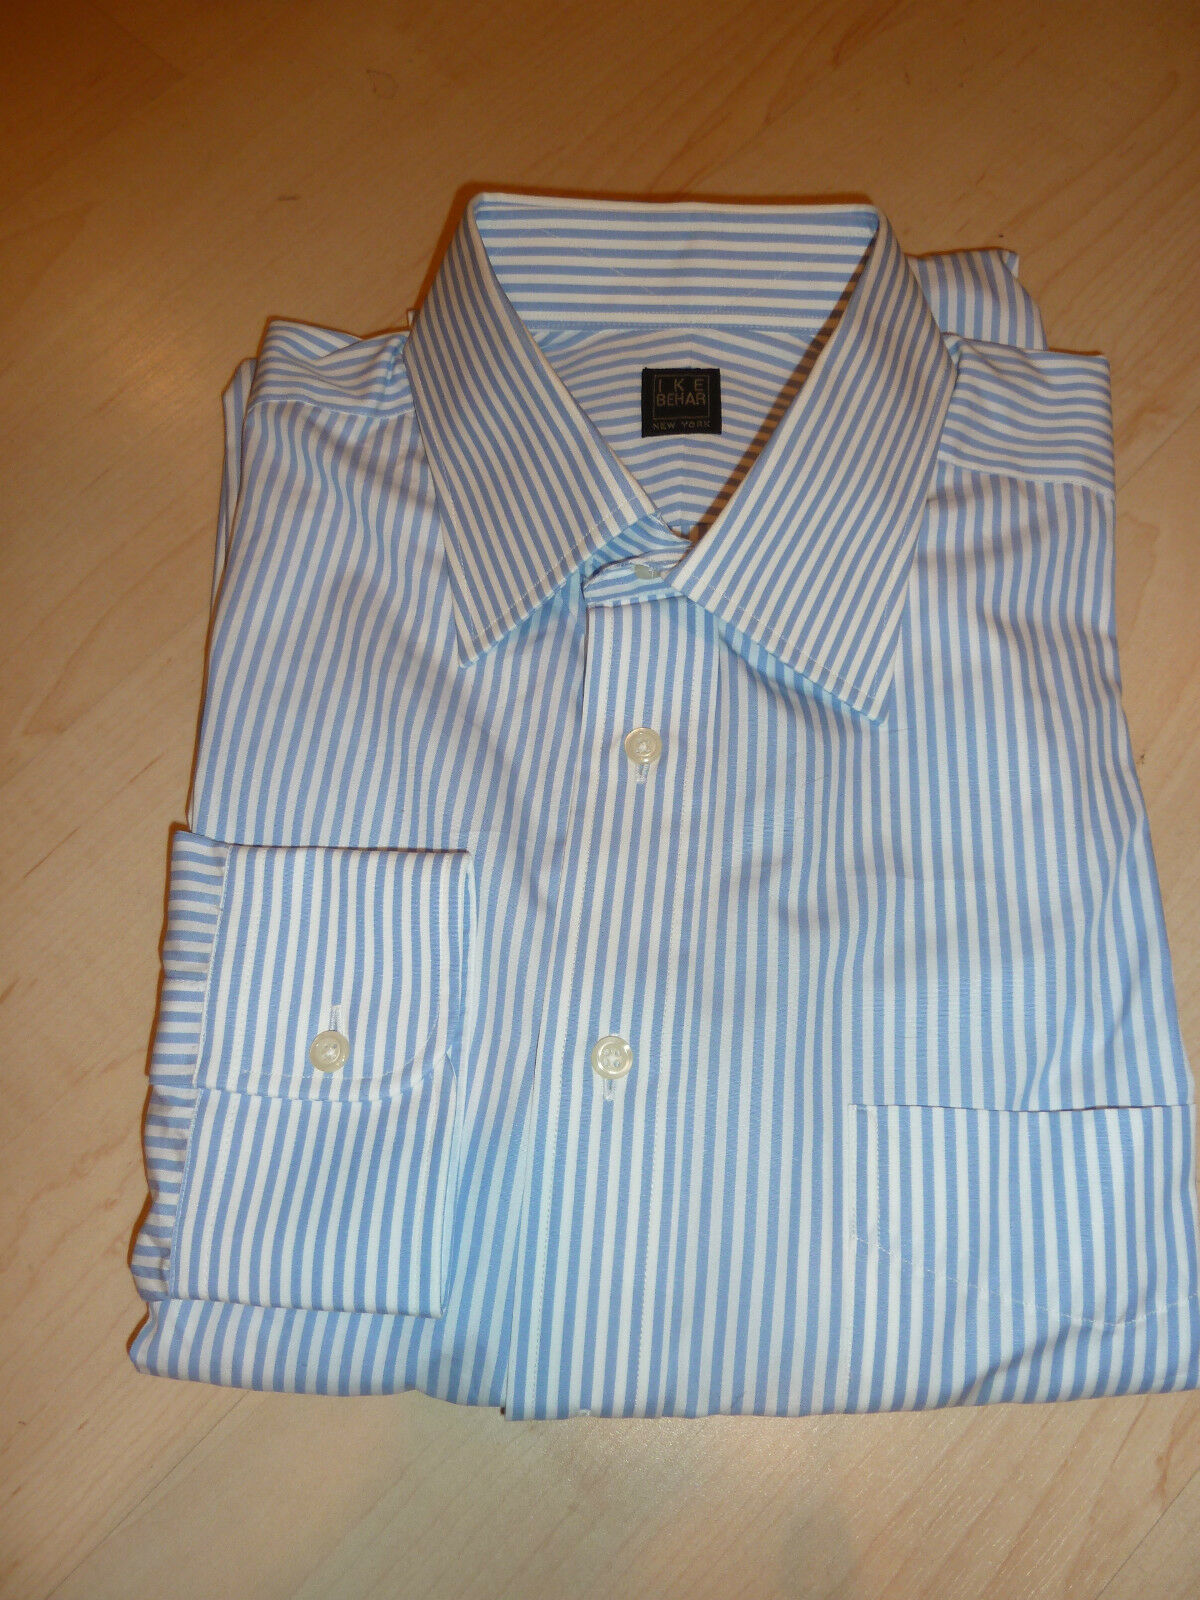 NEW  200+ SHIRT IKE BEHAR Herren Dress SHIRT 200+ 15.5 34 Stripes Made in USA 100% Cotton BC 3434a8